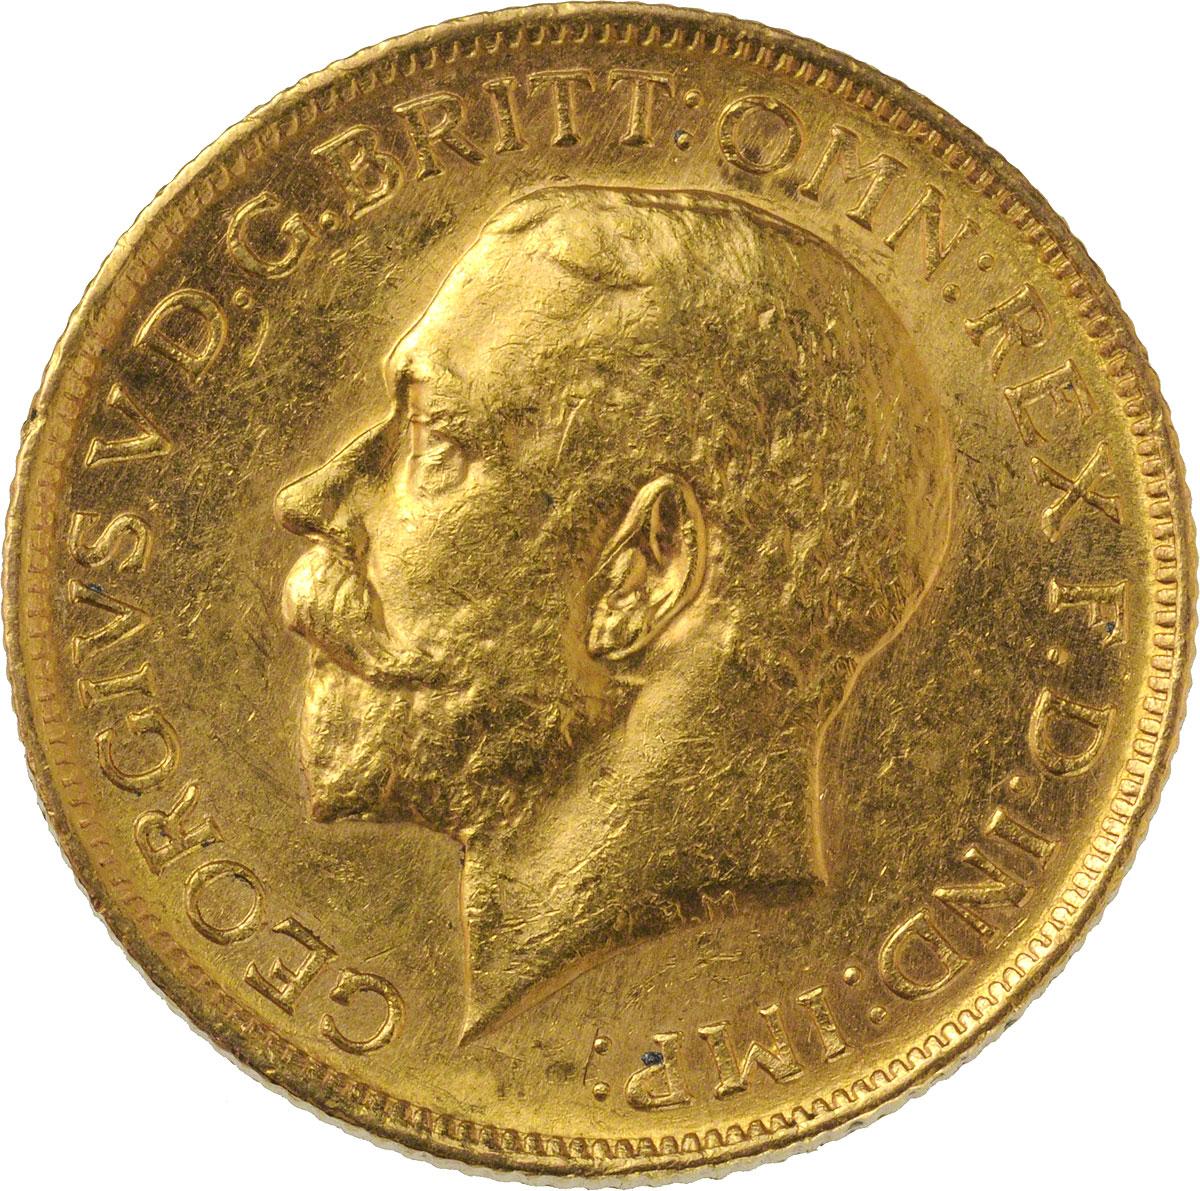 1911 Γεώργιος Ε' (Νομισματοκοπείο Σίδνεϊ)